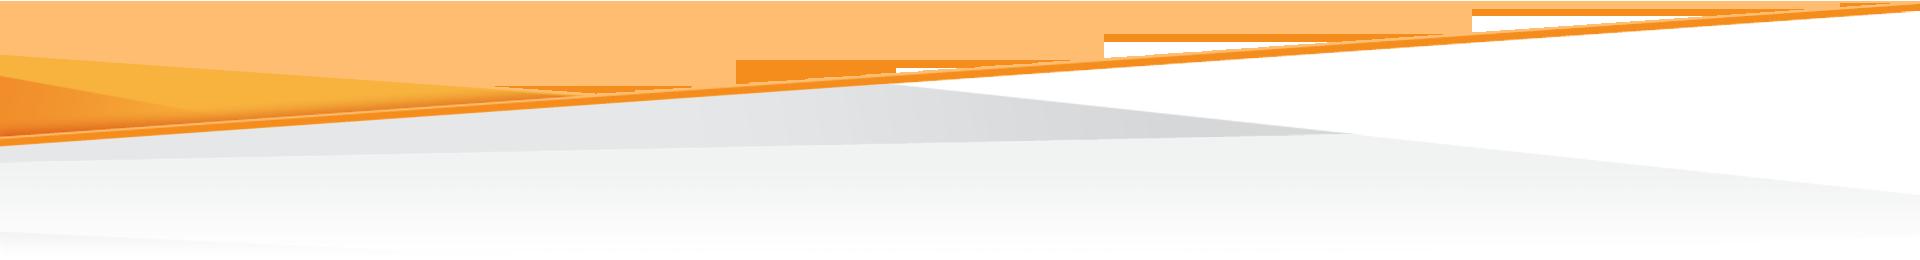 orange_faceted_divider.png